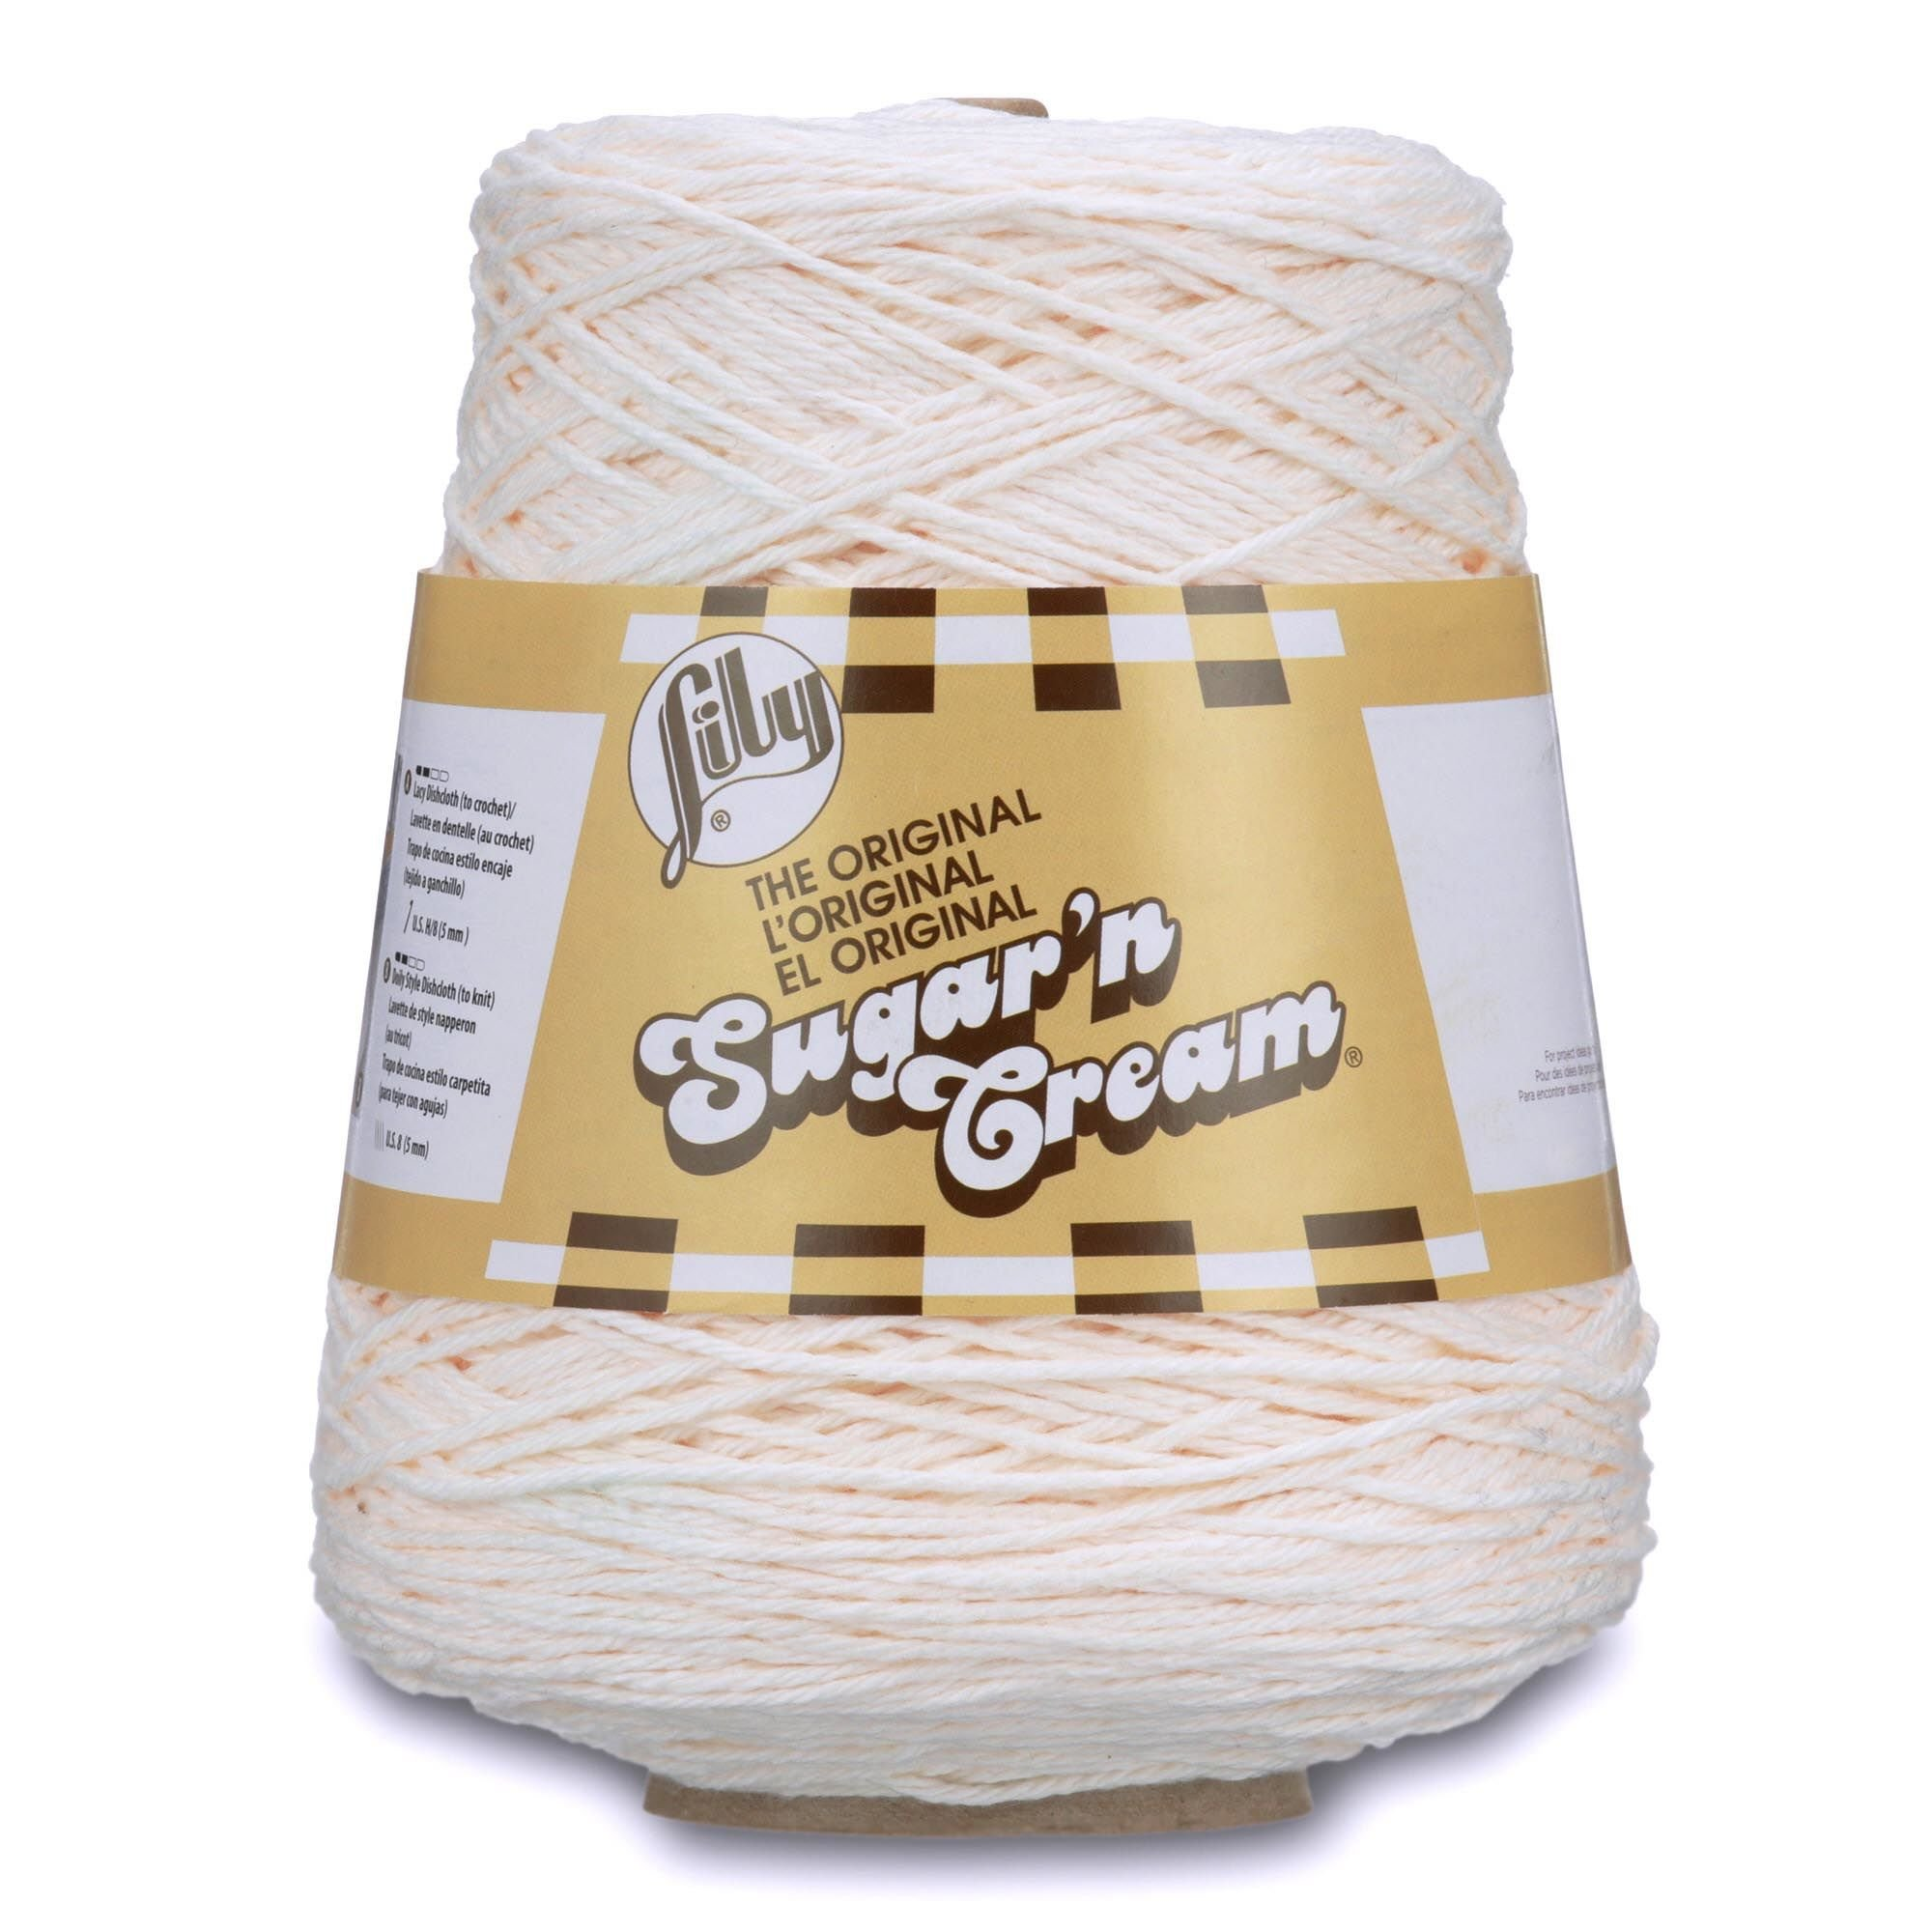 Lily Sugar'n Cream Cotton Cone Yarn, 14 oz, Soft Ecru, 1 Cone